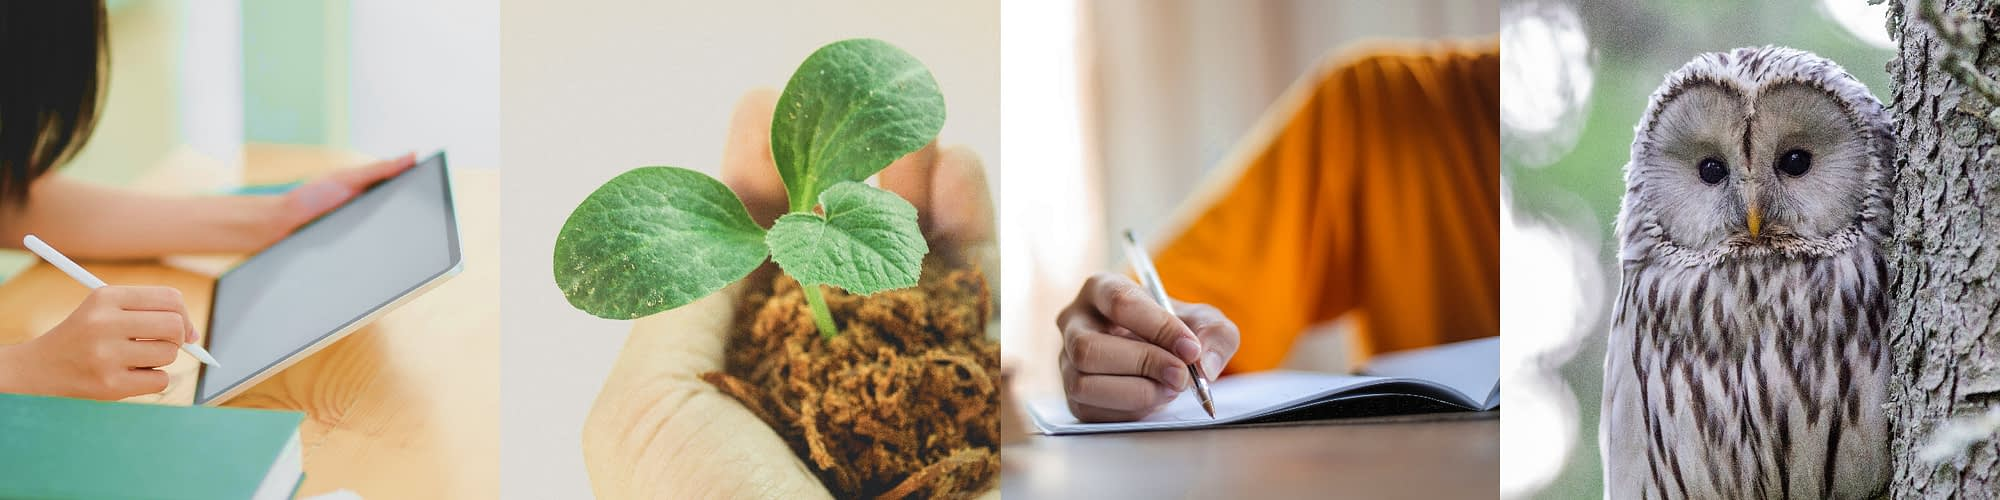 edunomix-learner-cohorts-where-innovation-flourishes-01